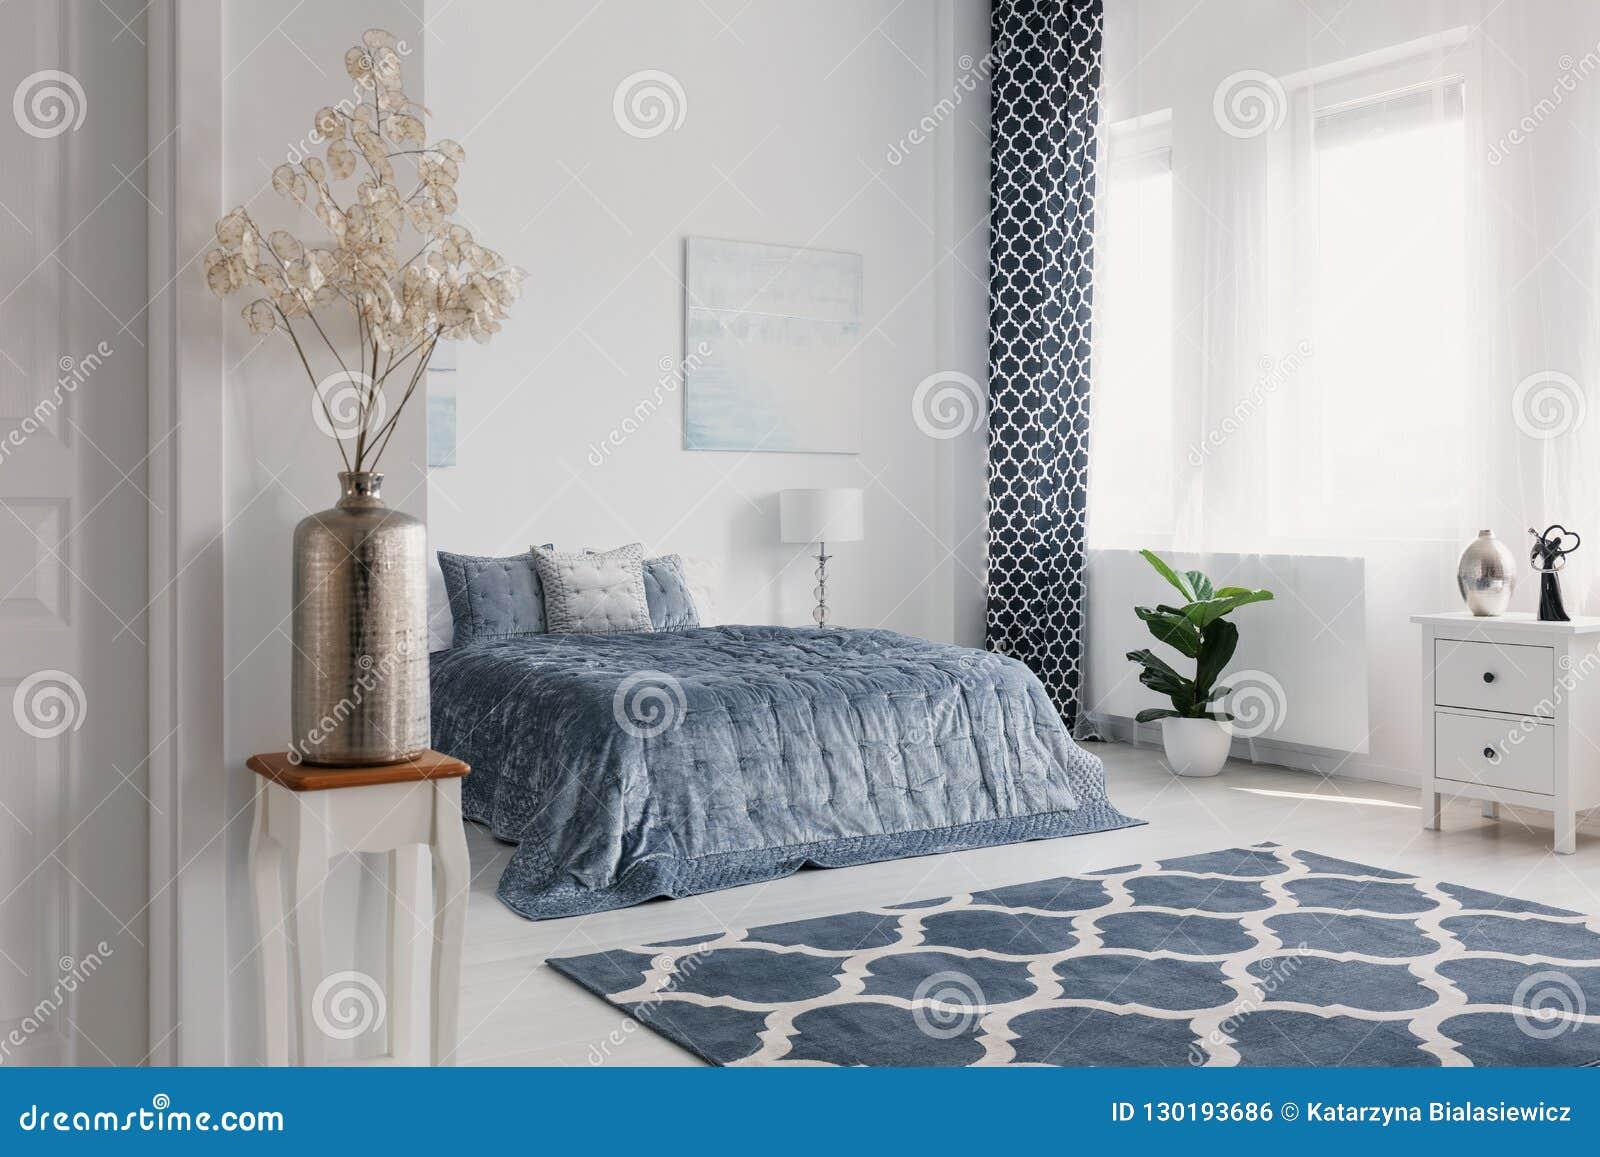 Flores en florero del oro en el dormitorio blanco interior con la alfombra modelada delante de la cama azul Foto verdadera